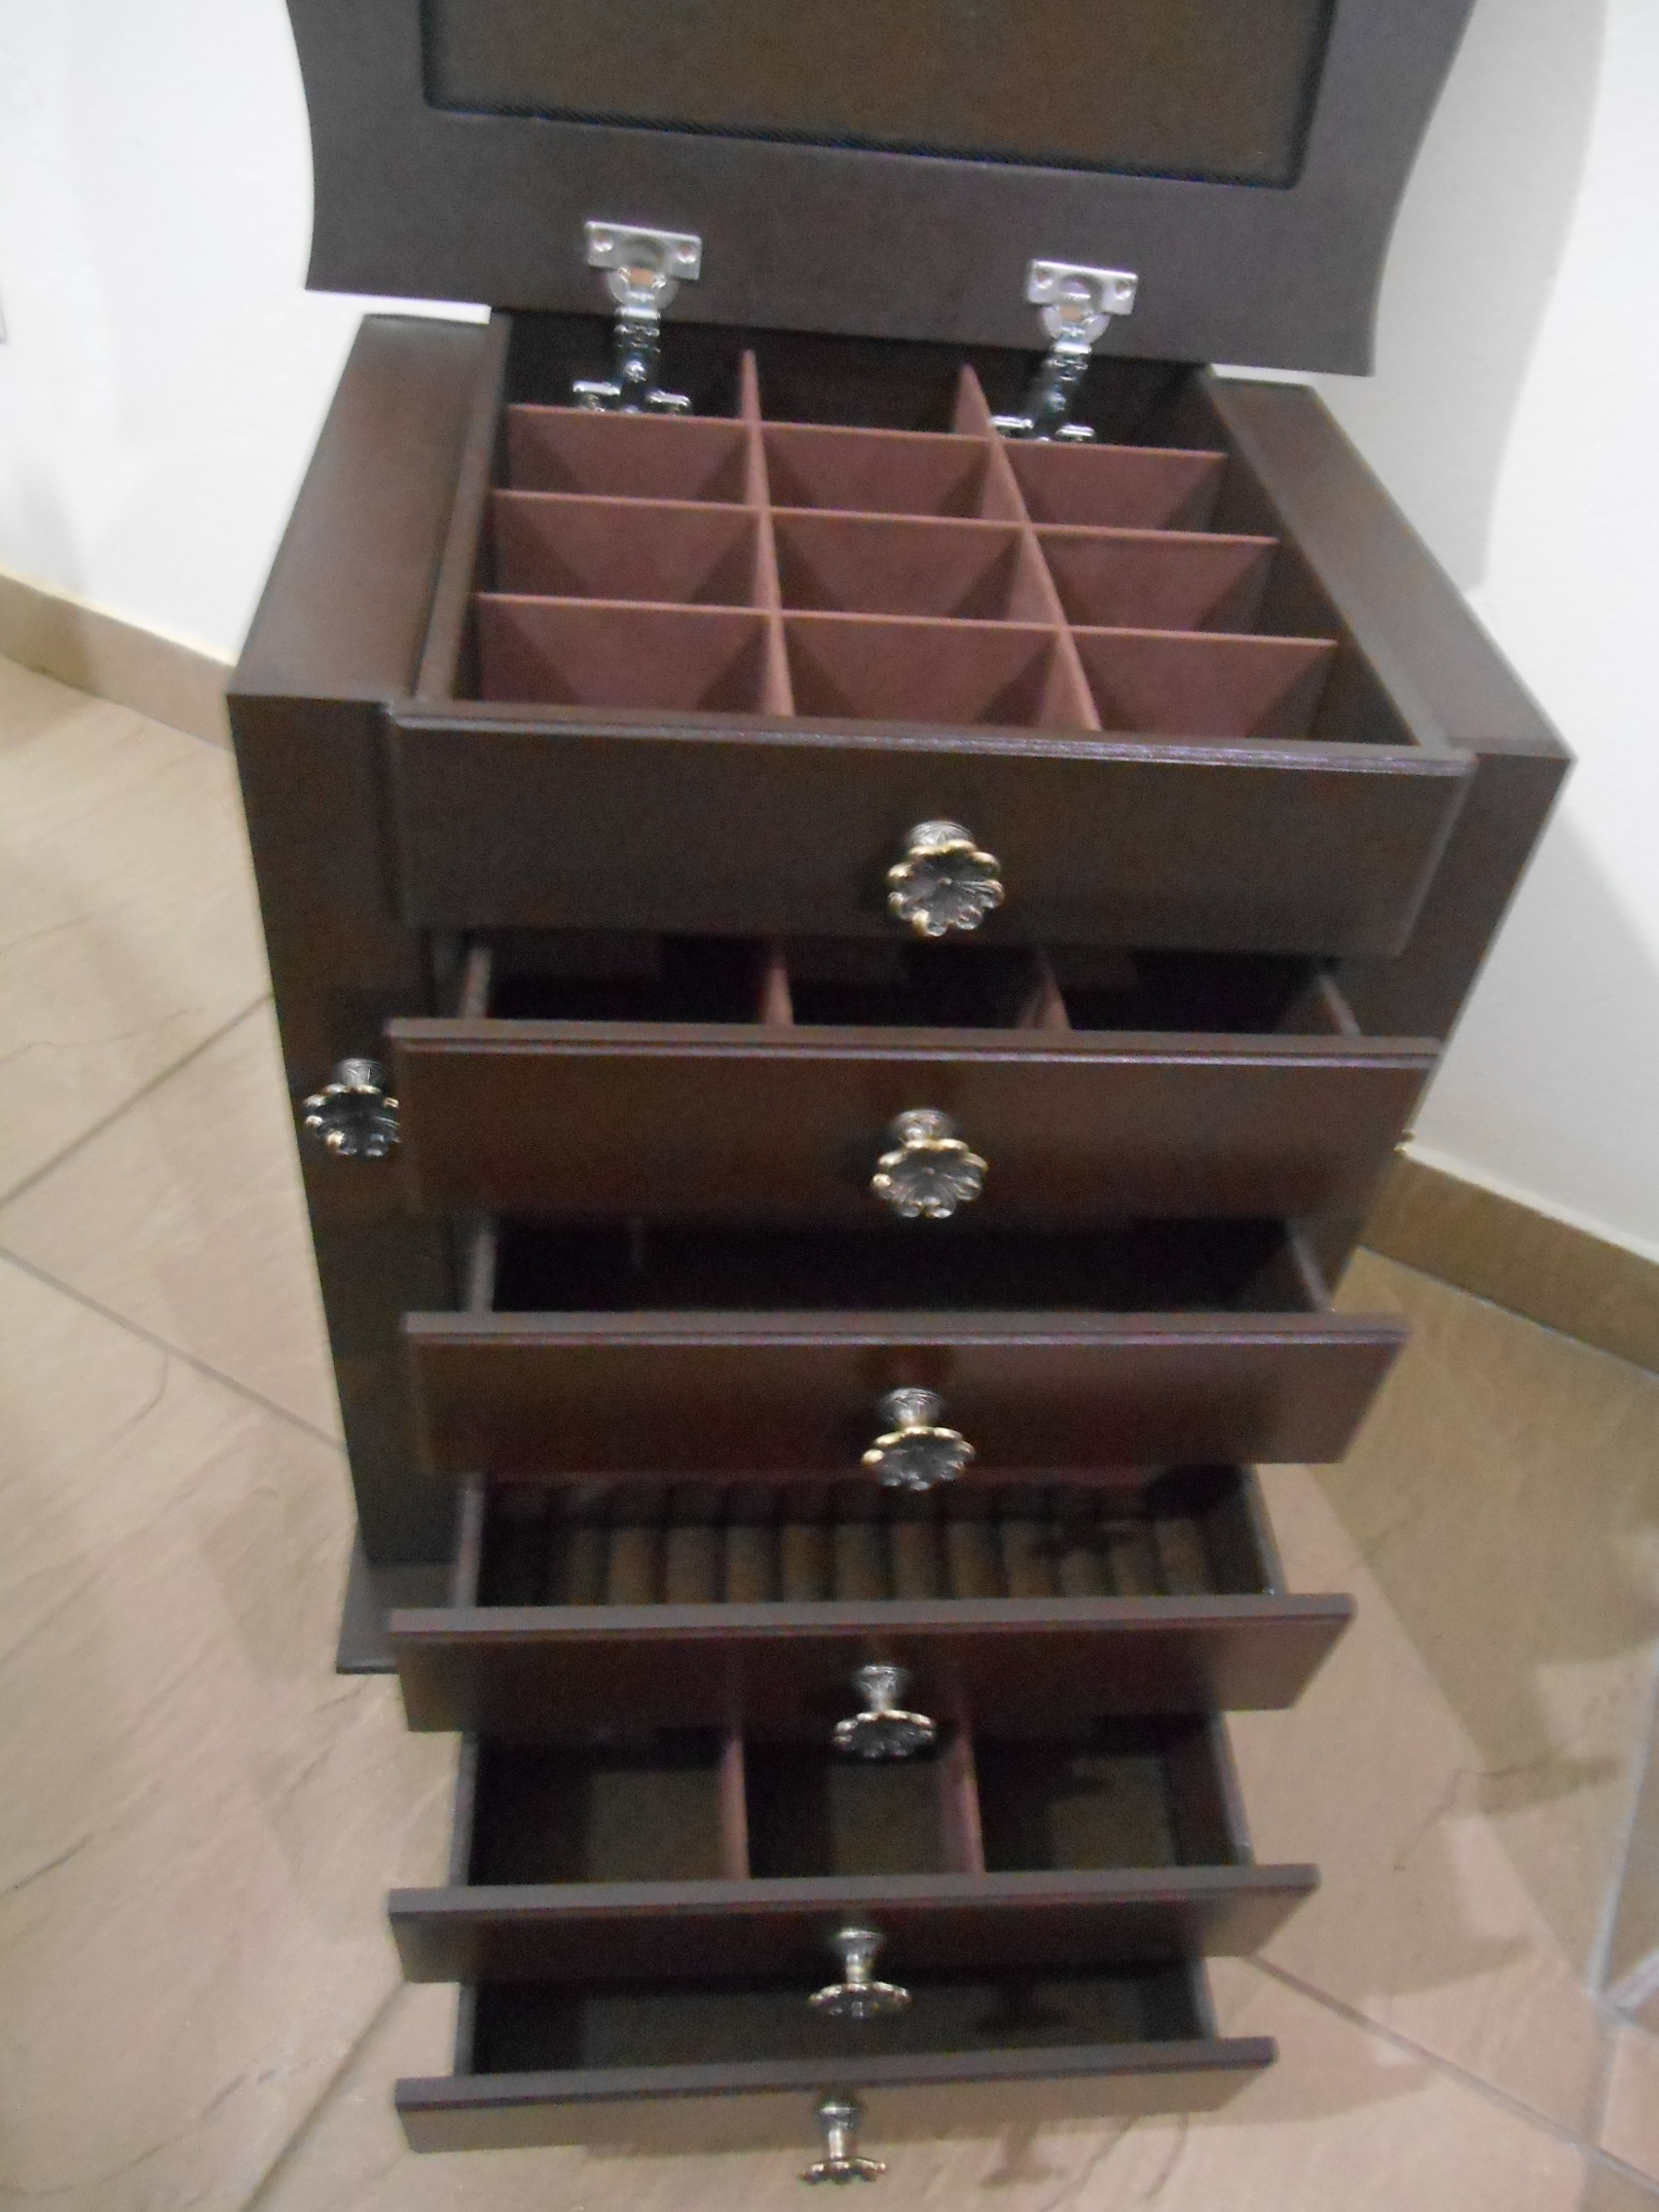 criado mudo especial porta joias grande criado mudo mesa de cabeceira #7B6450 1704x2272